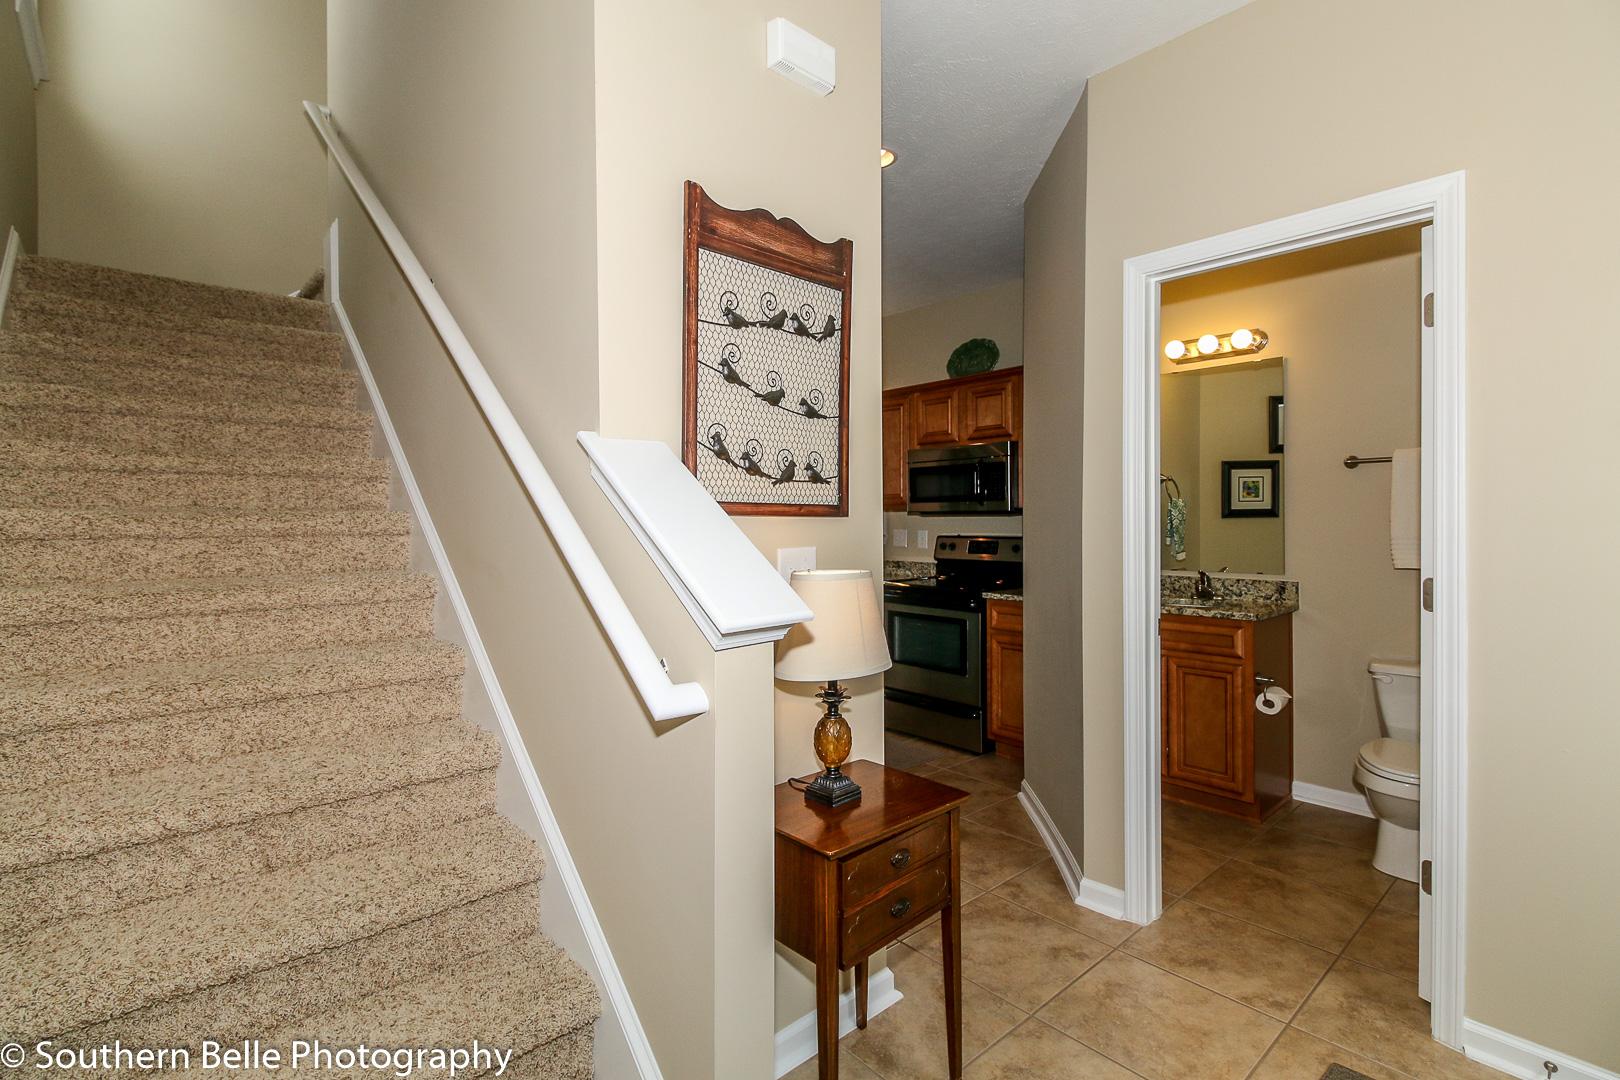 9. Stair View WM